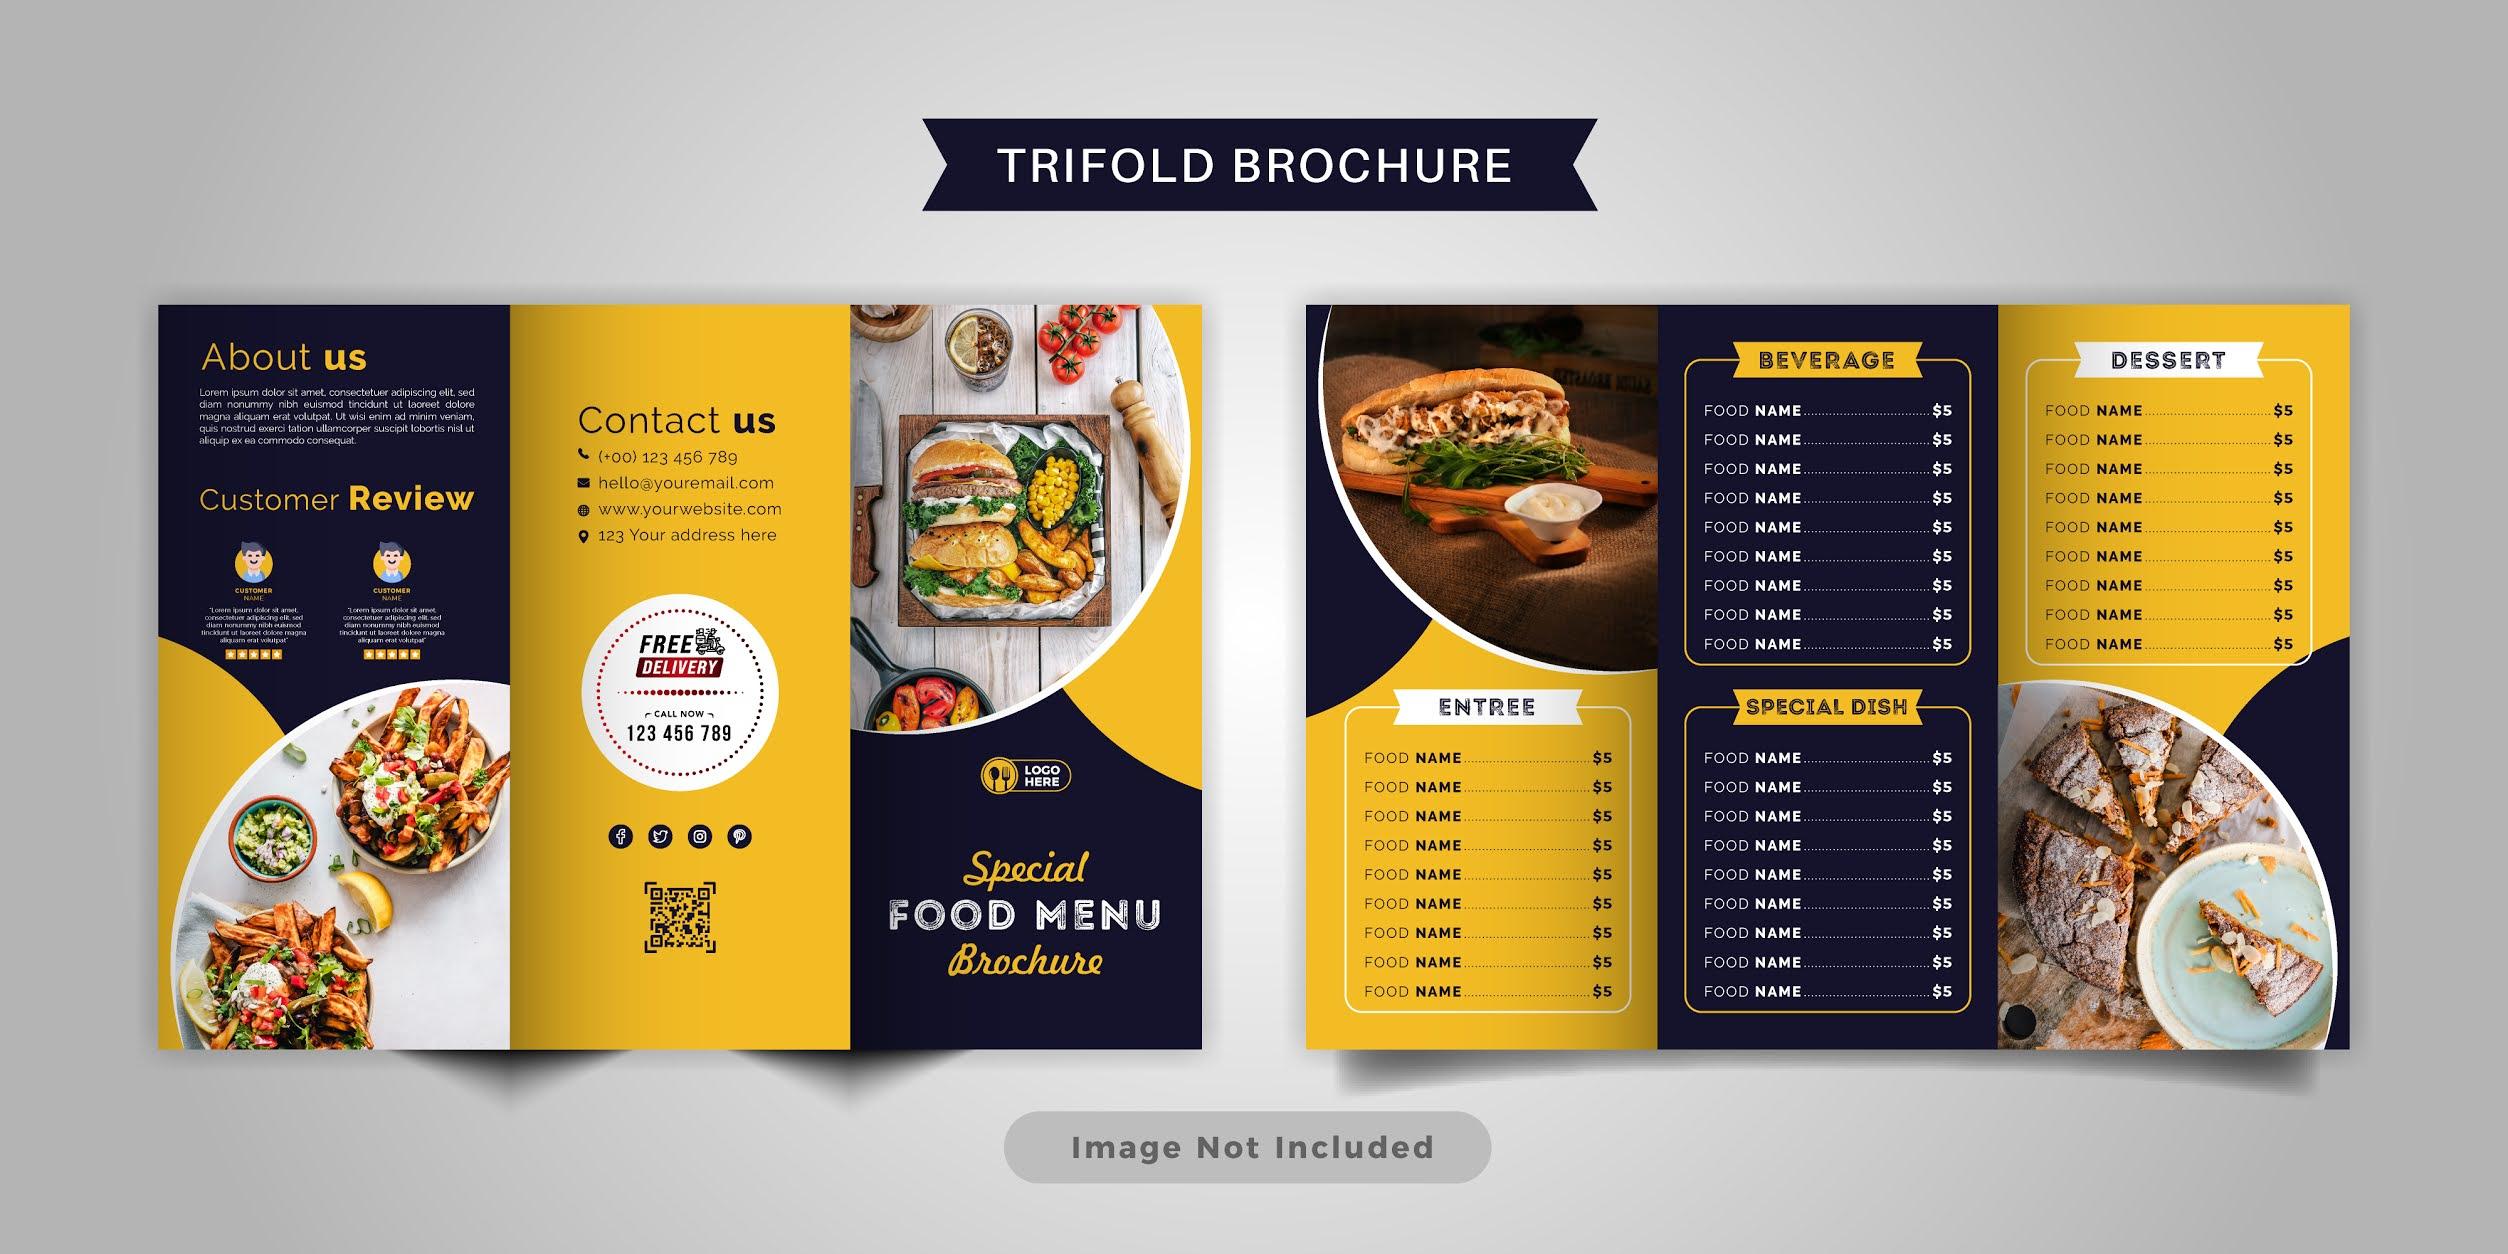 تحميل بروشور طعام مجانا 7 تصميمات احترافية مجموعة 2 بصيغة فيكتور ويمكنك تحويلها فيكتور